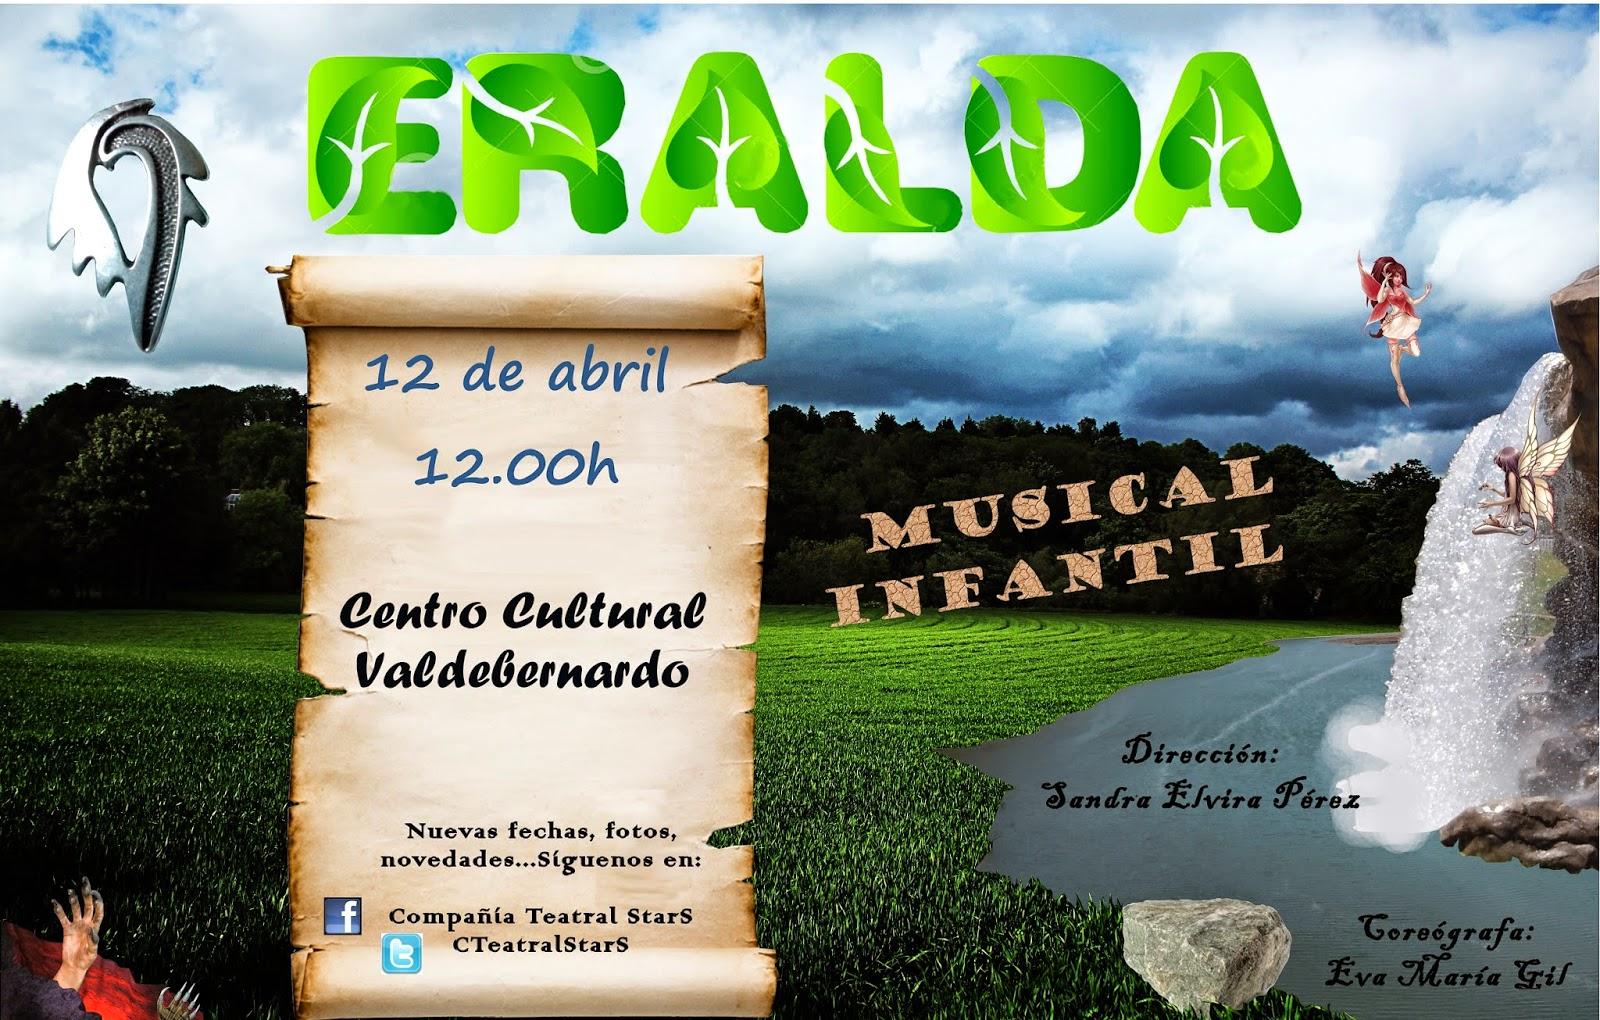 Eralda, La sombra, Pregón de Semana Santa. Programación Vicálvaro 11-12 abril 2014